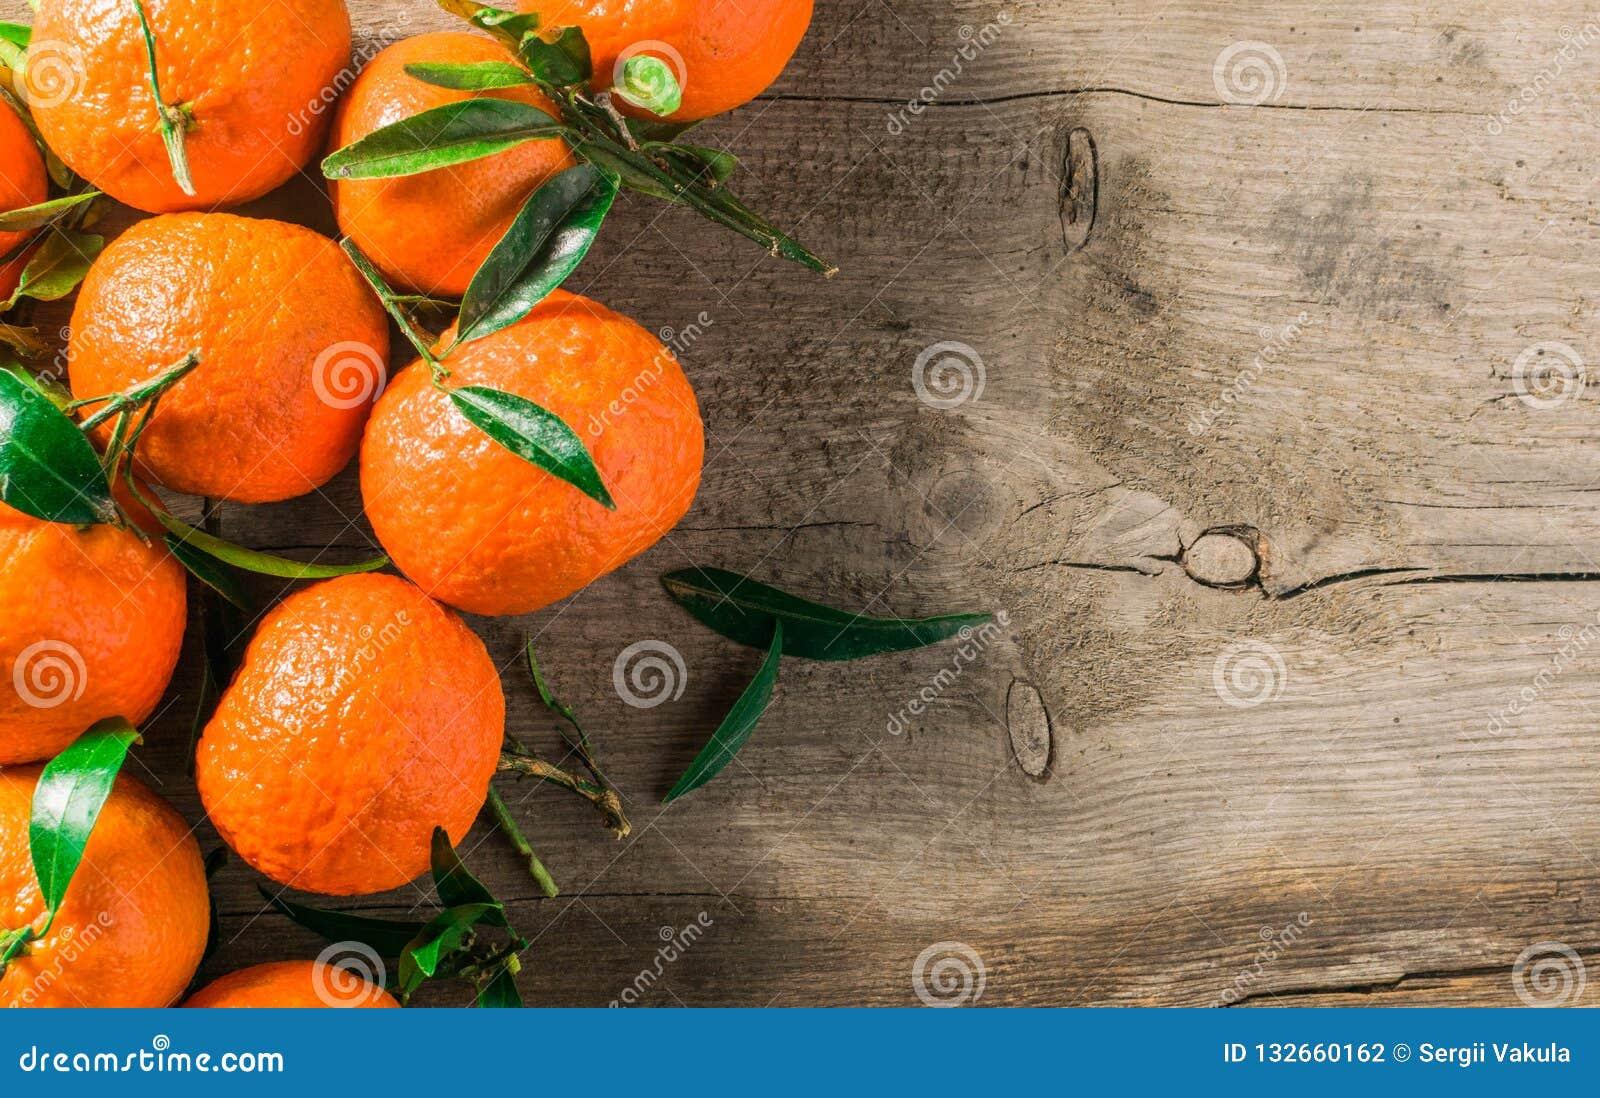 Arance dei mandarini, mandarini, clementine, agrumi con la merce nel carrello delle foglie sopra fondo di legno rustico, spazio d